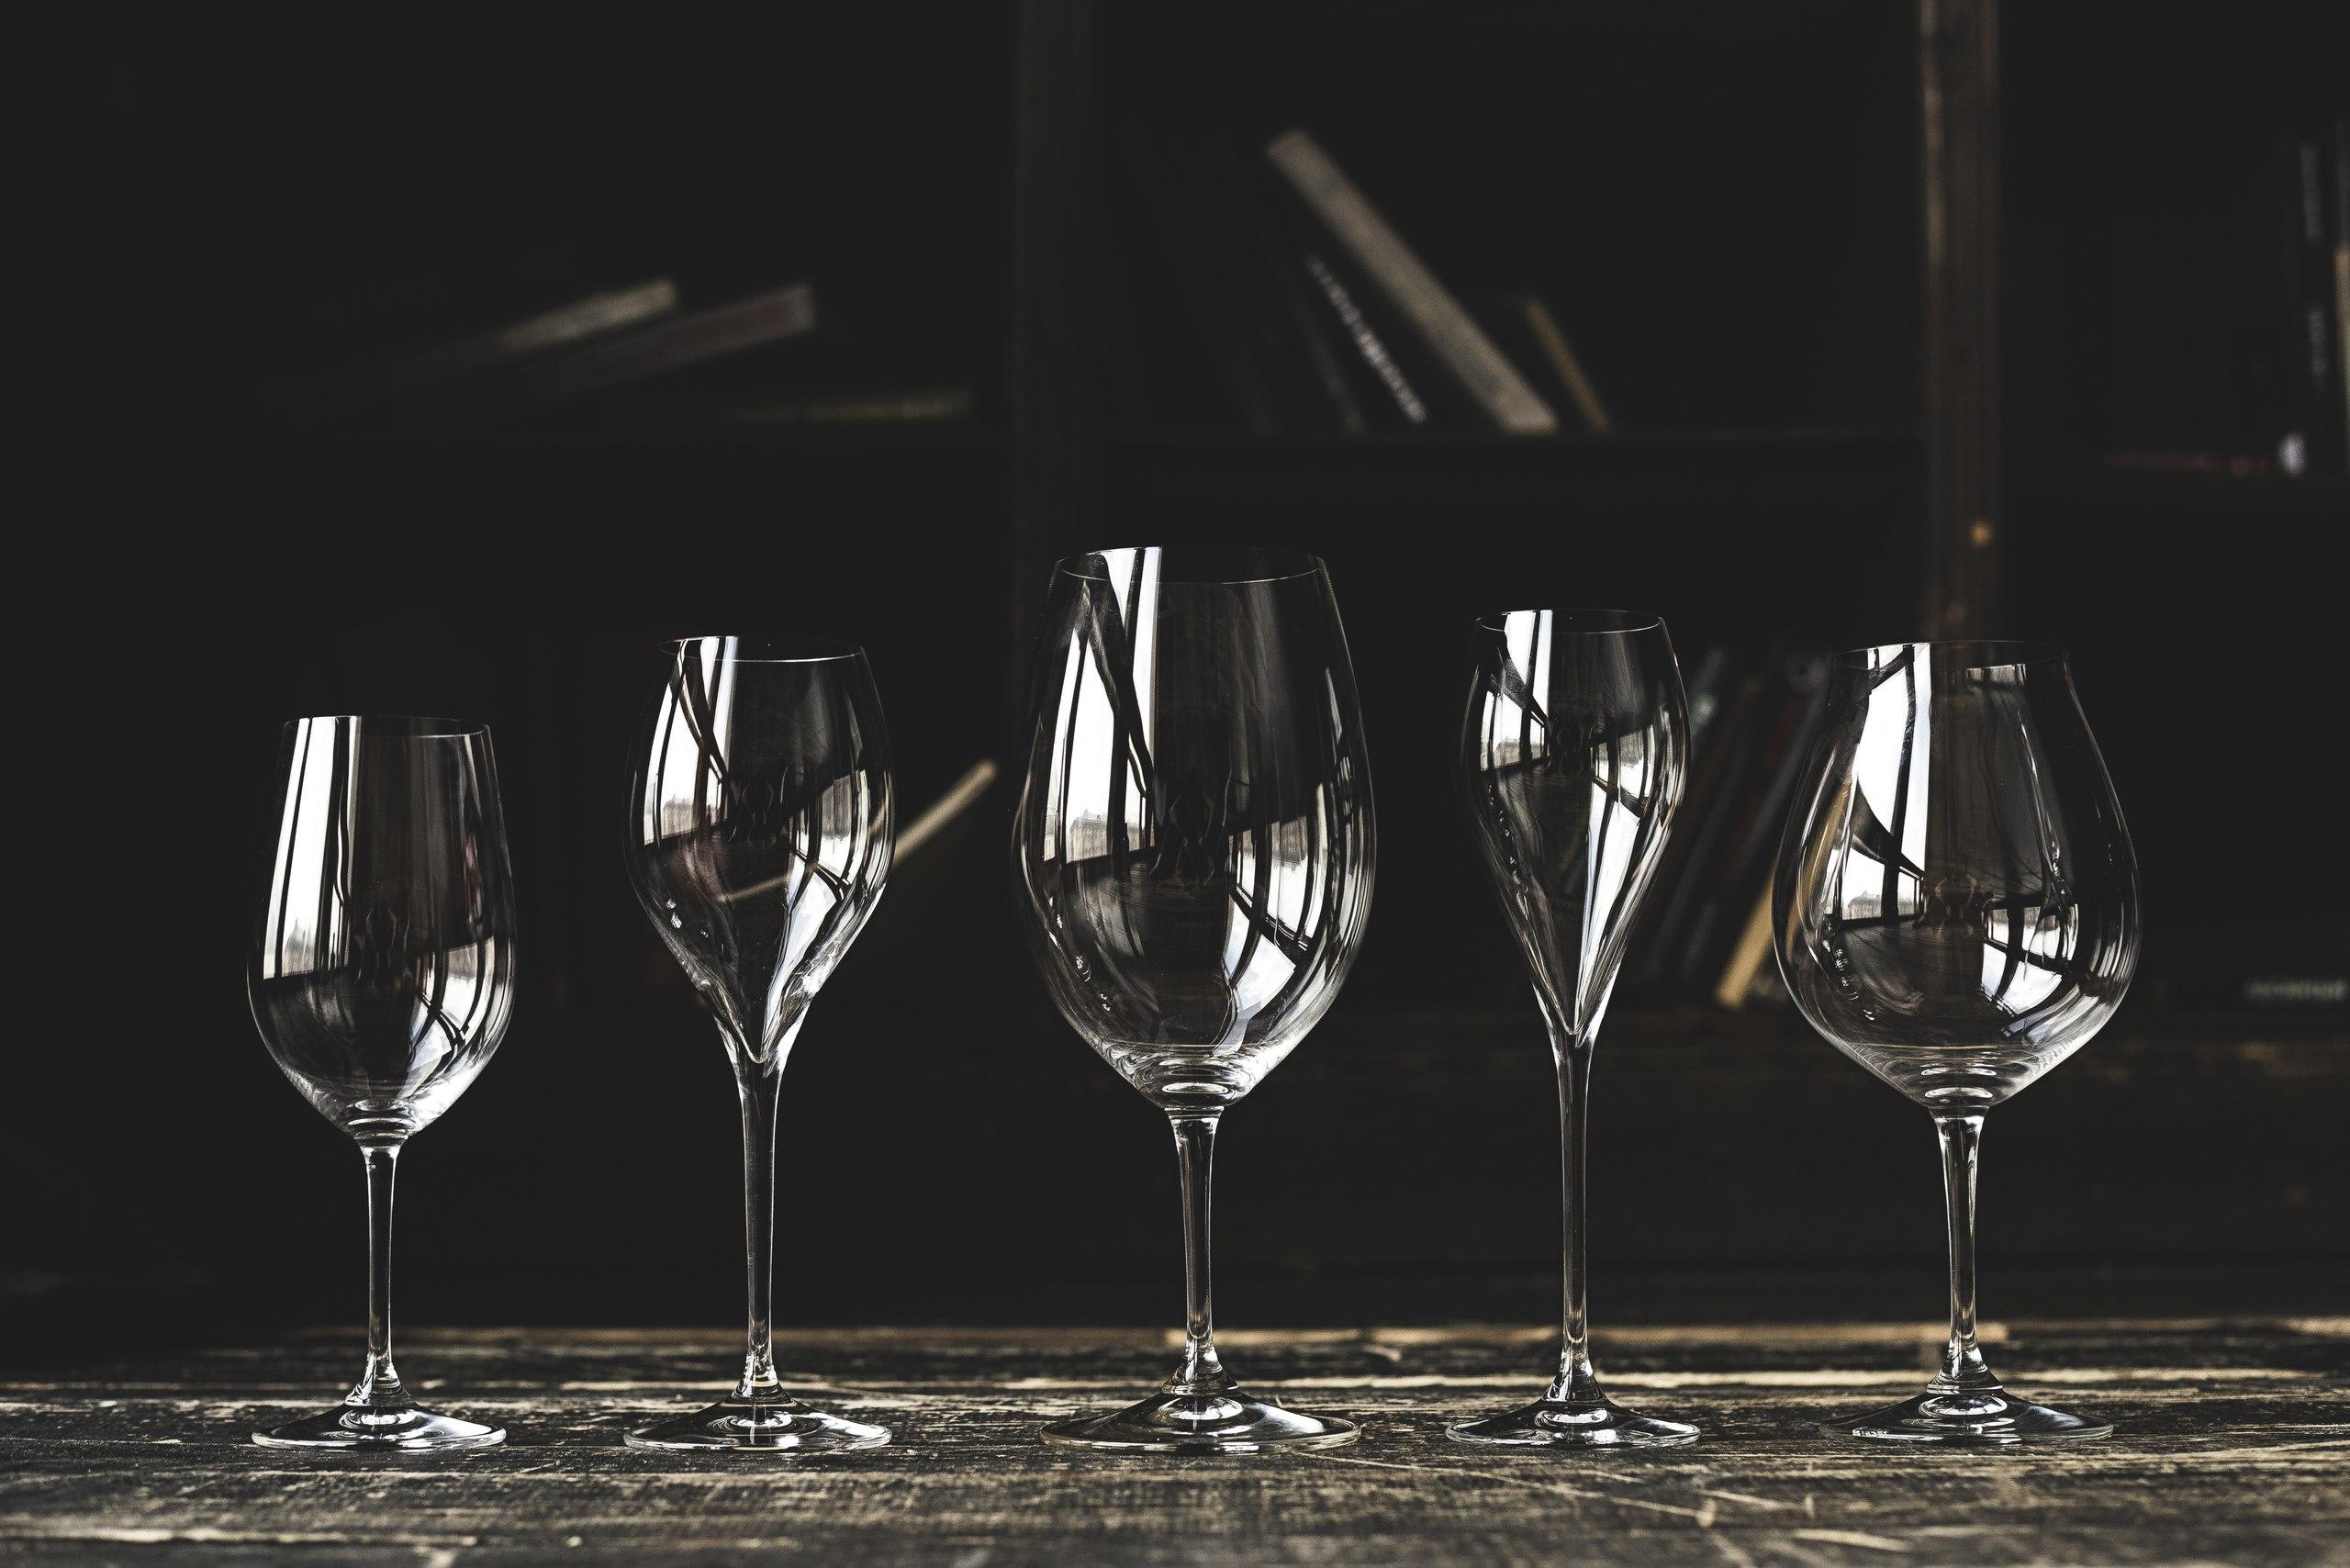 Организация свадьбы: как рассчитать количество алкоголя для гостей